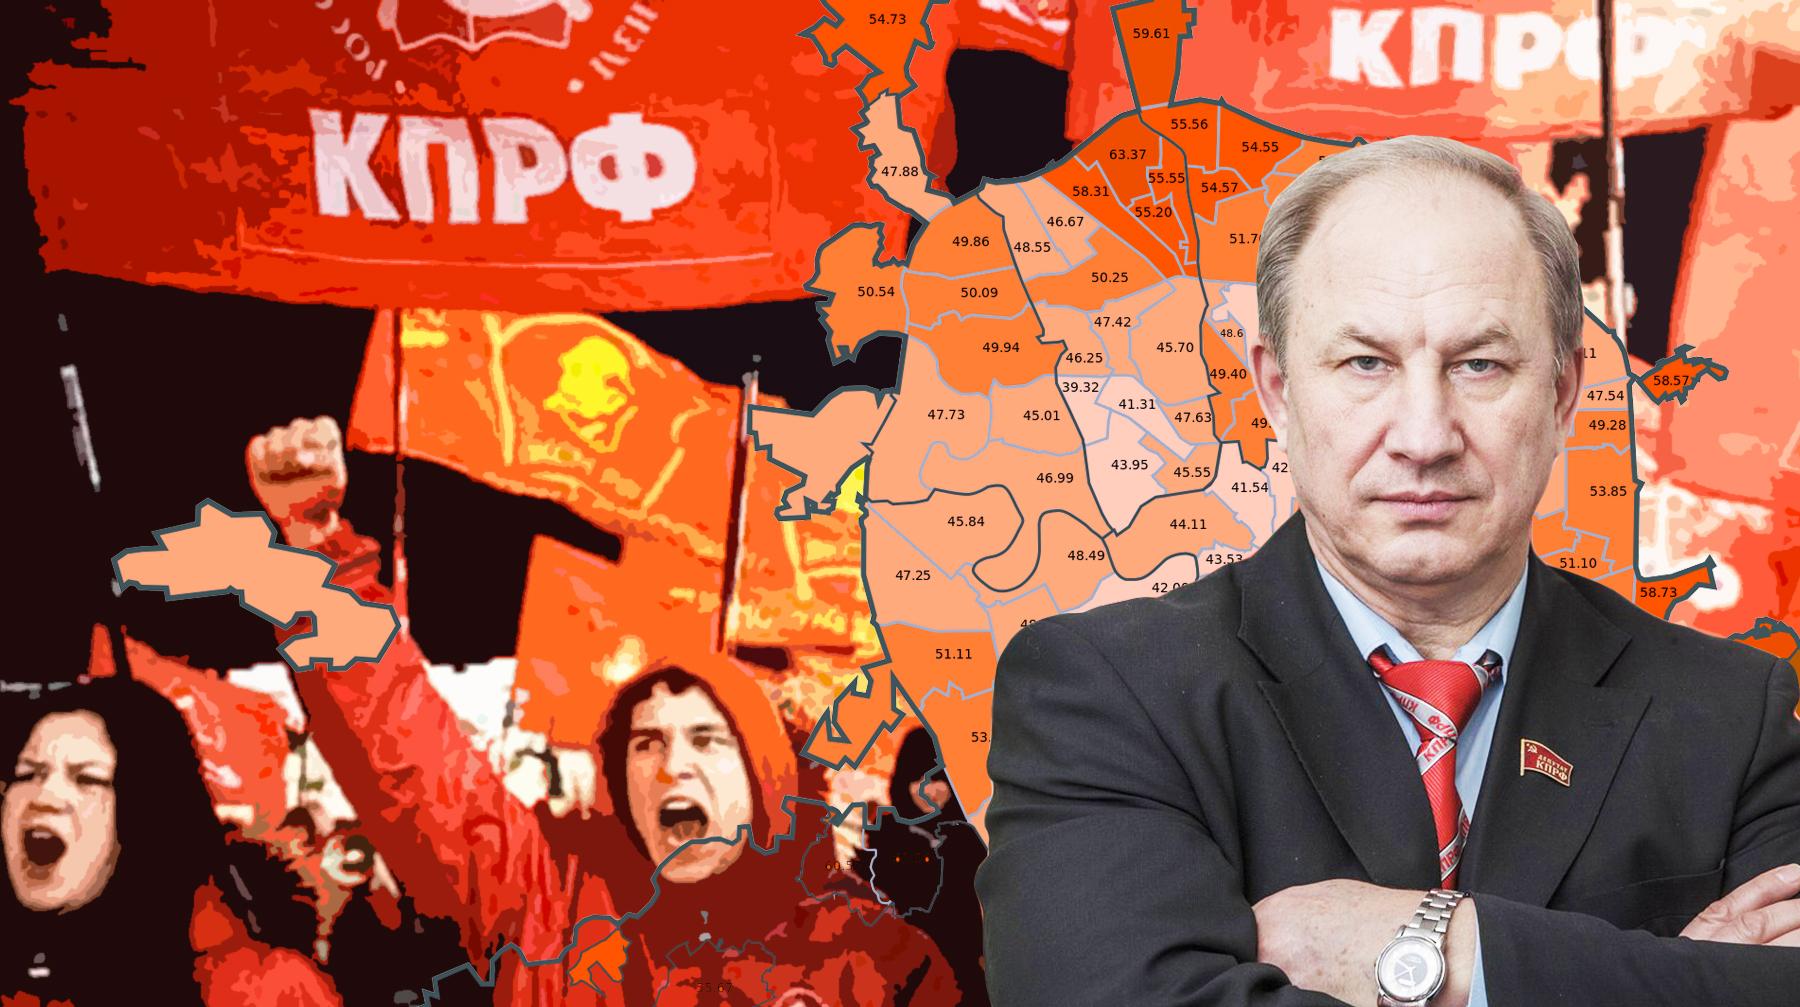 Московское отделение КПРФ сменило 50% руководства — Daily Storm